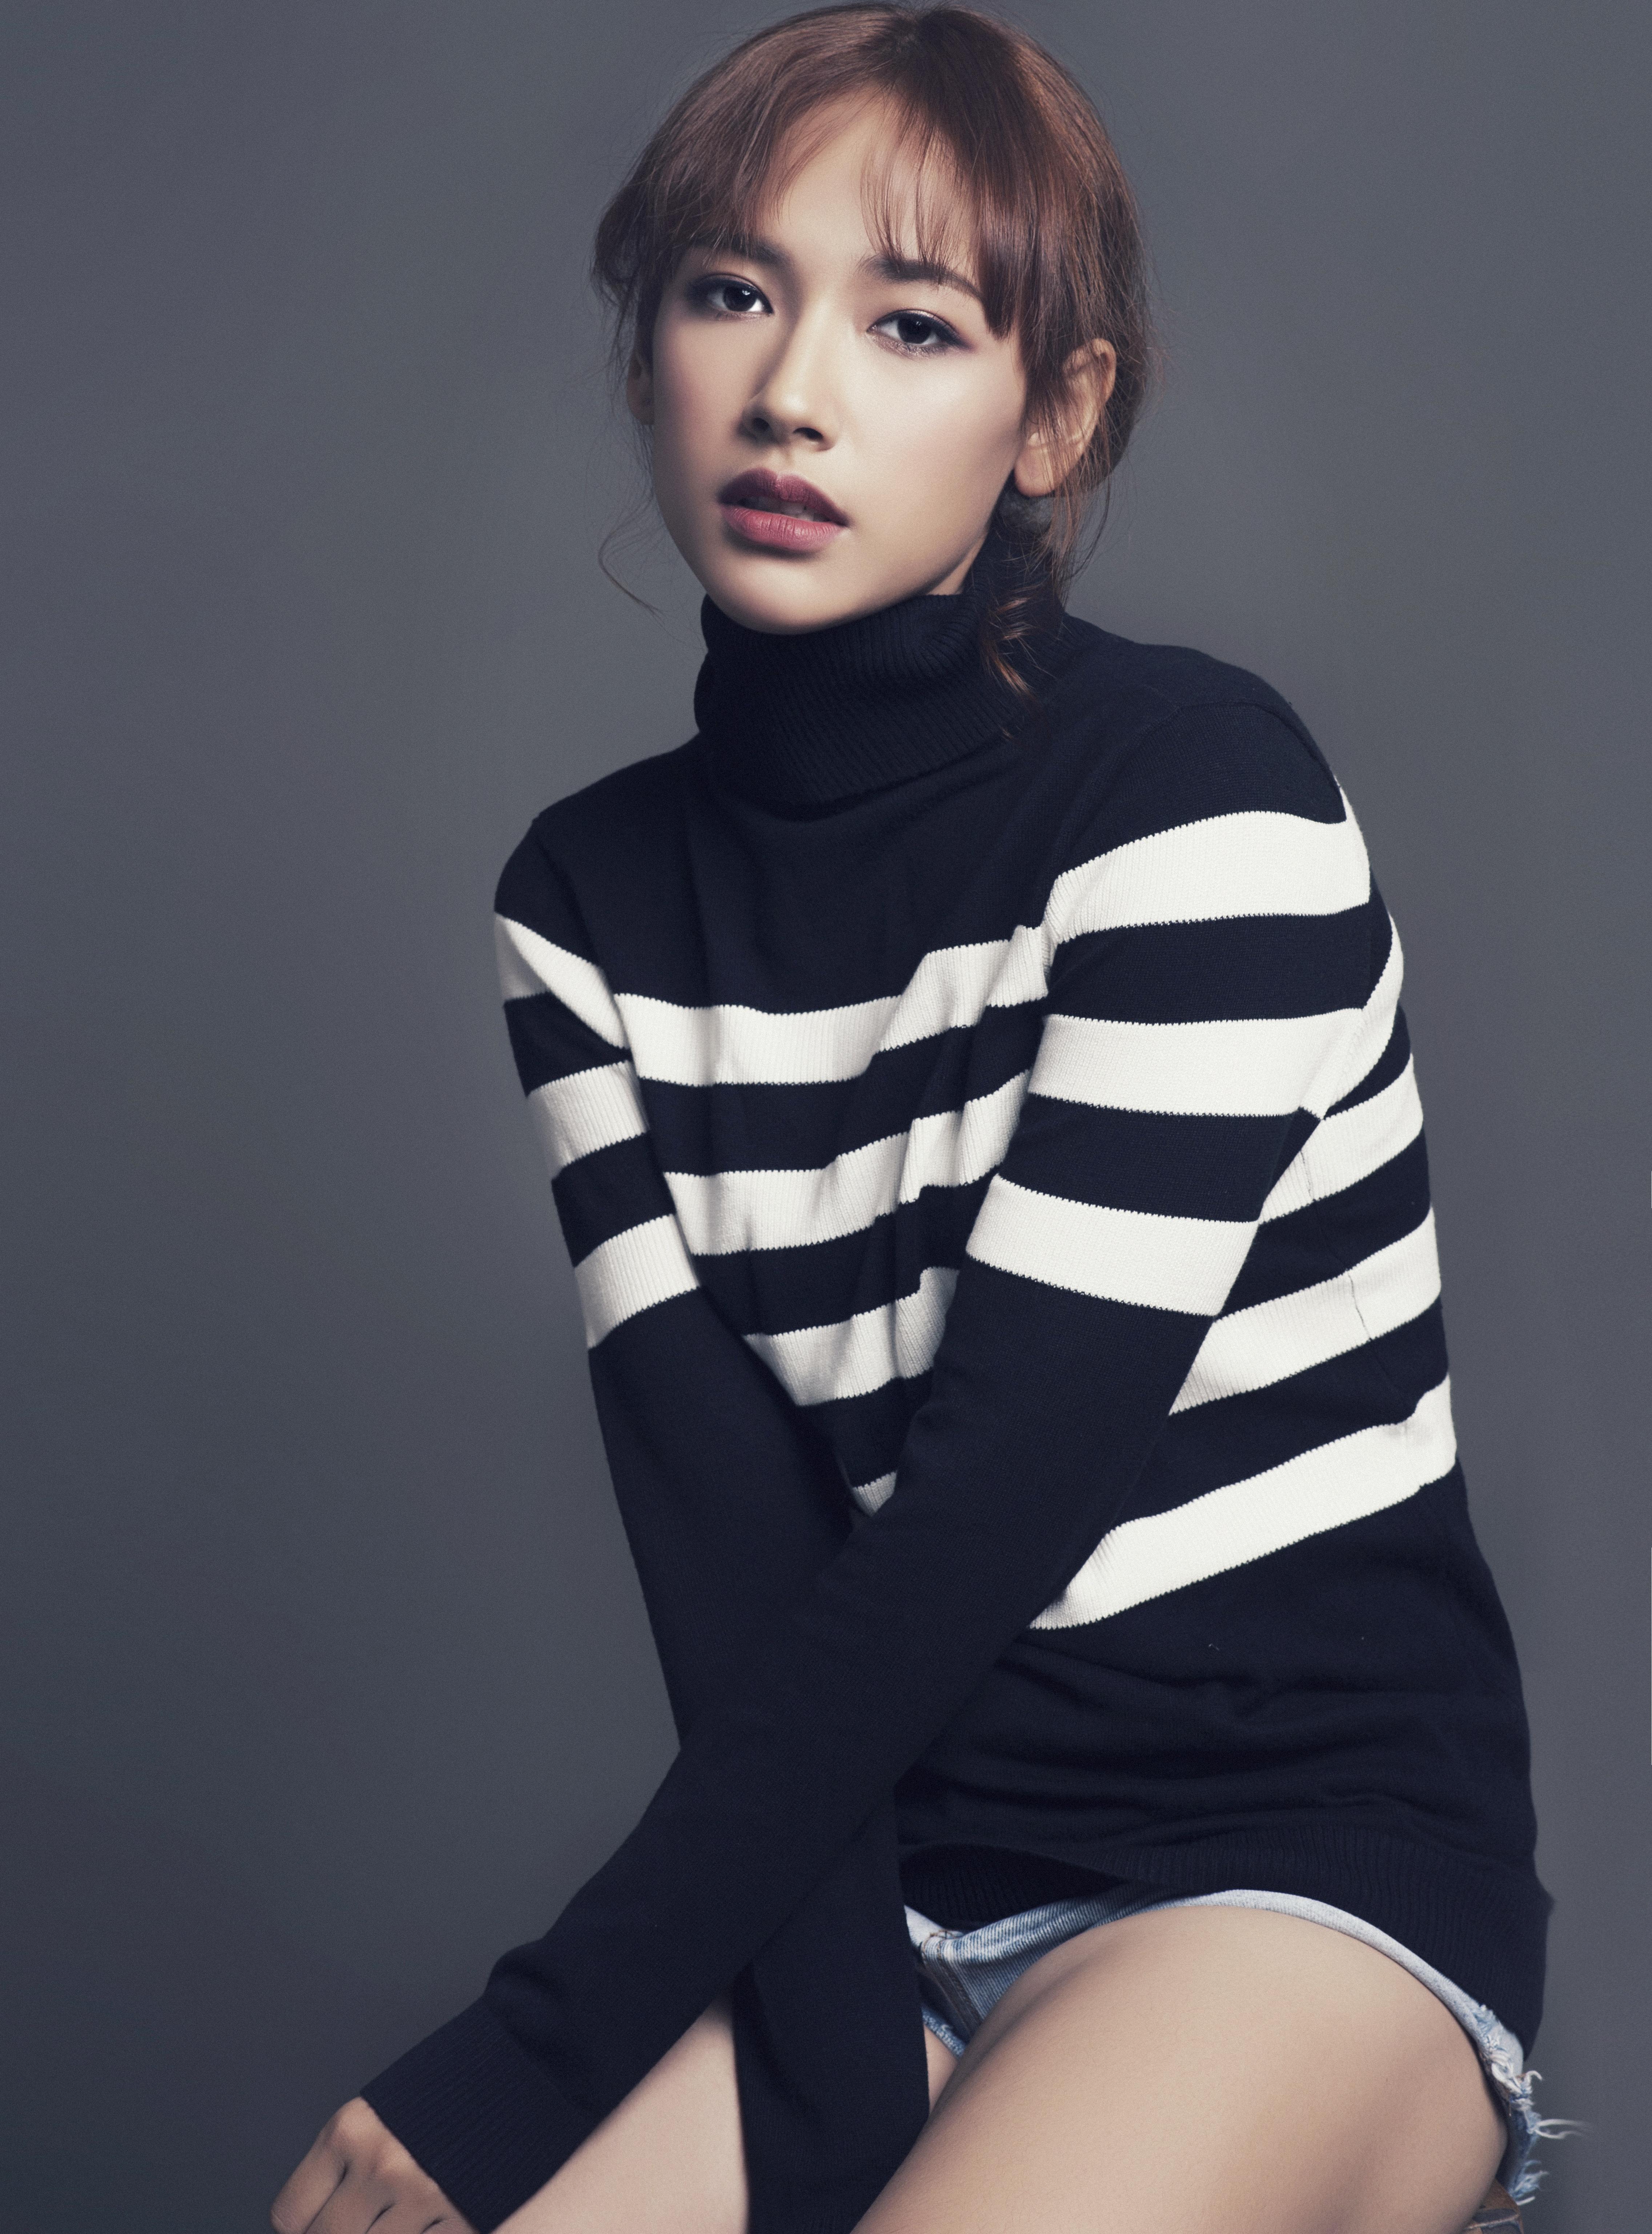 MV mới chưa ra mắt, nhưng nữ chính đóng cùng Sơn Tùng M-TP đã gây sốt vì quá xinh!